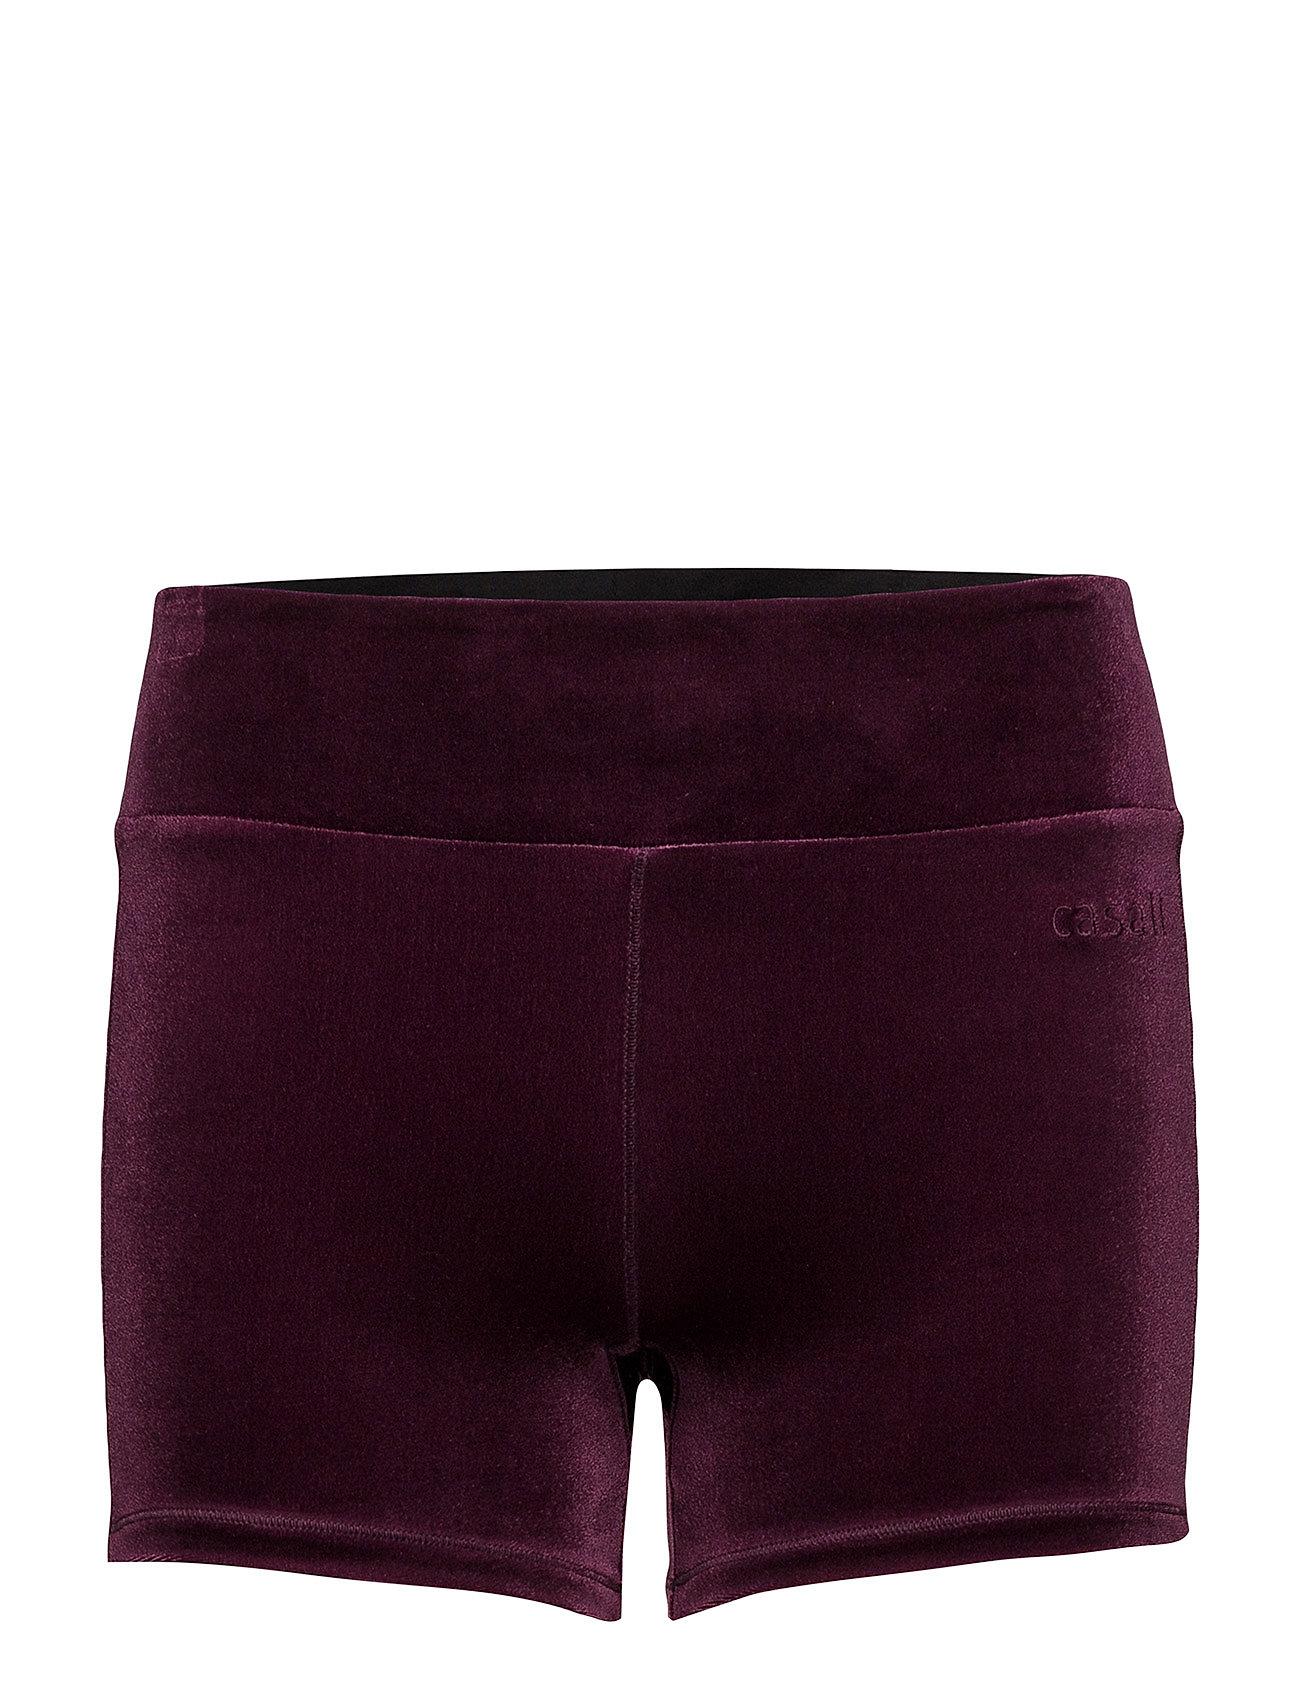 Casall Velvet hotpants Shorts